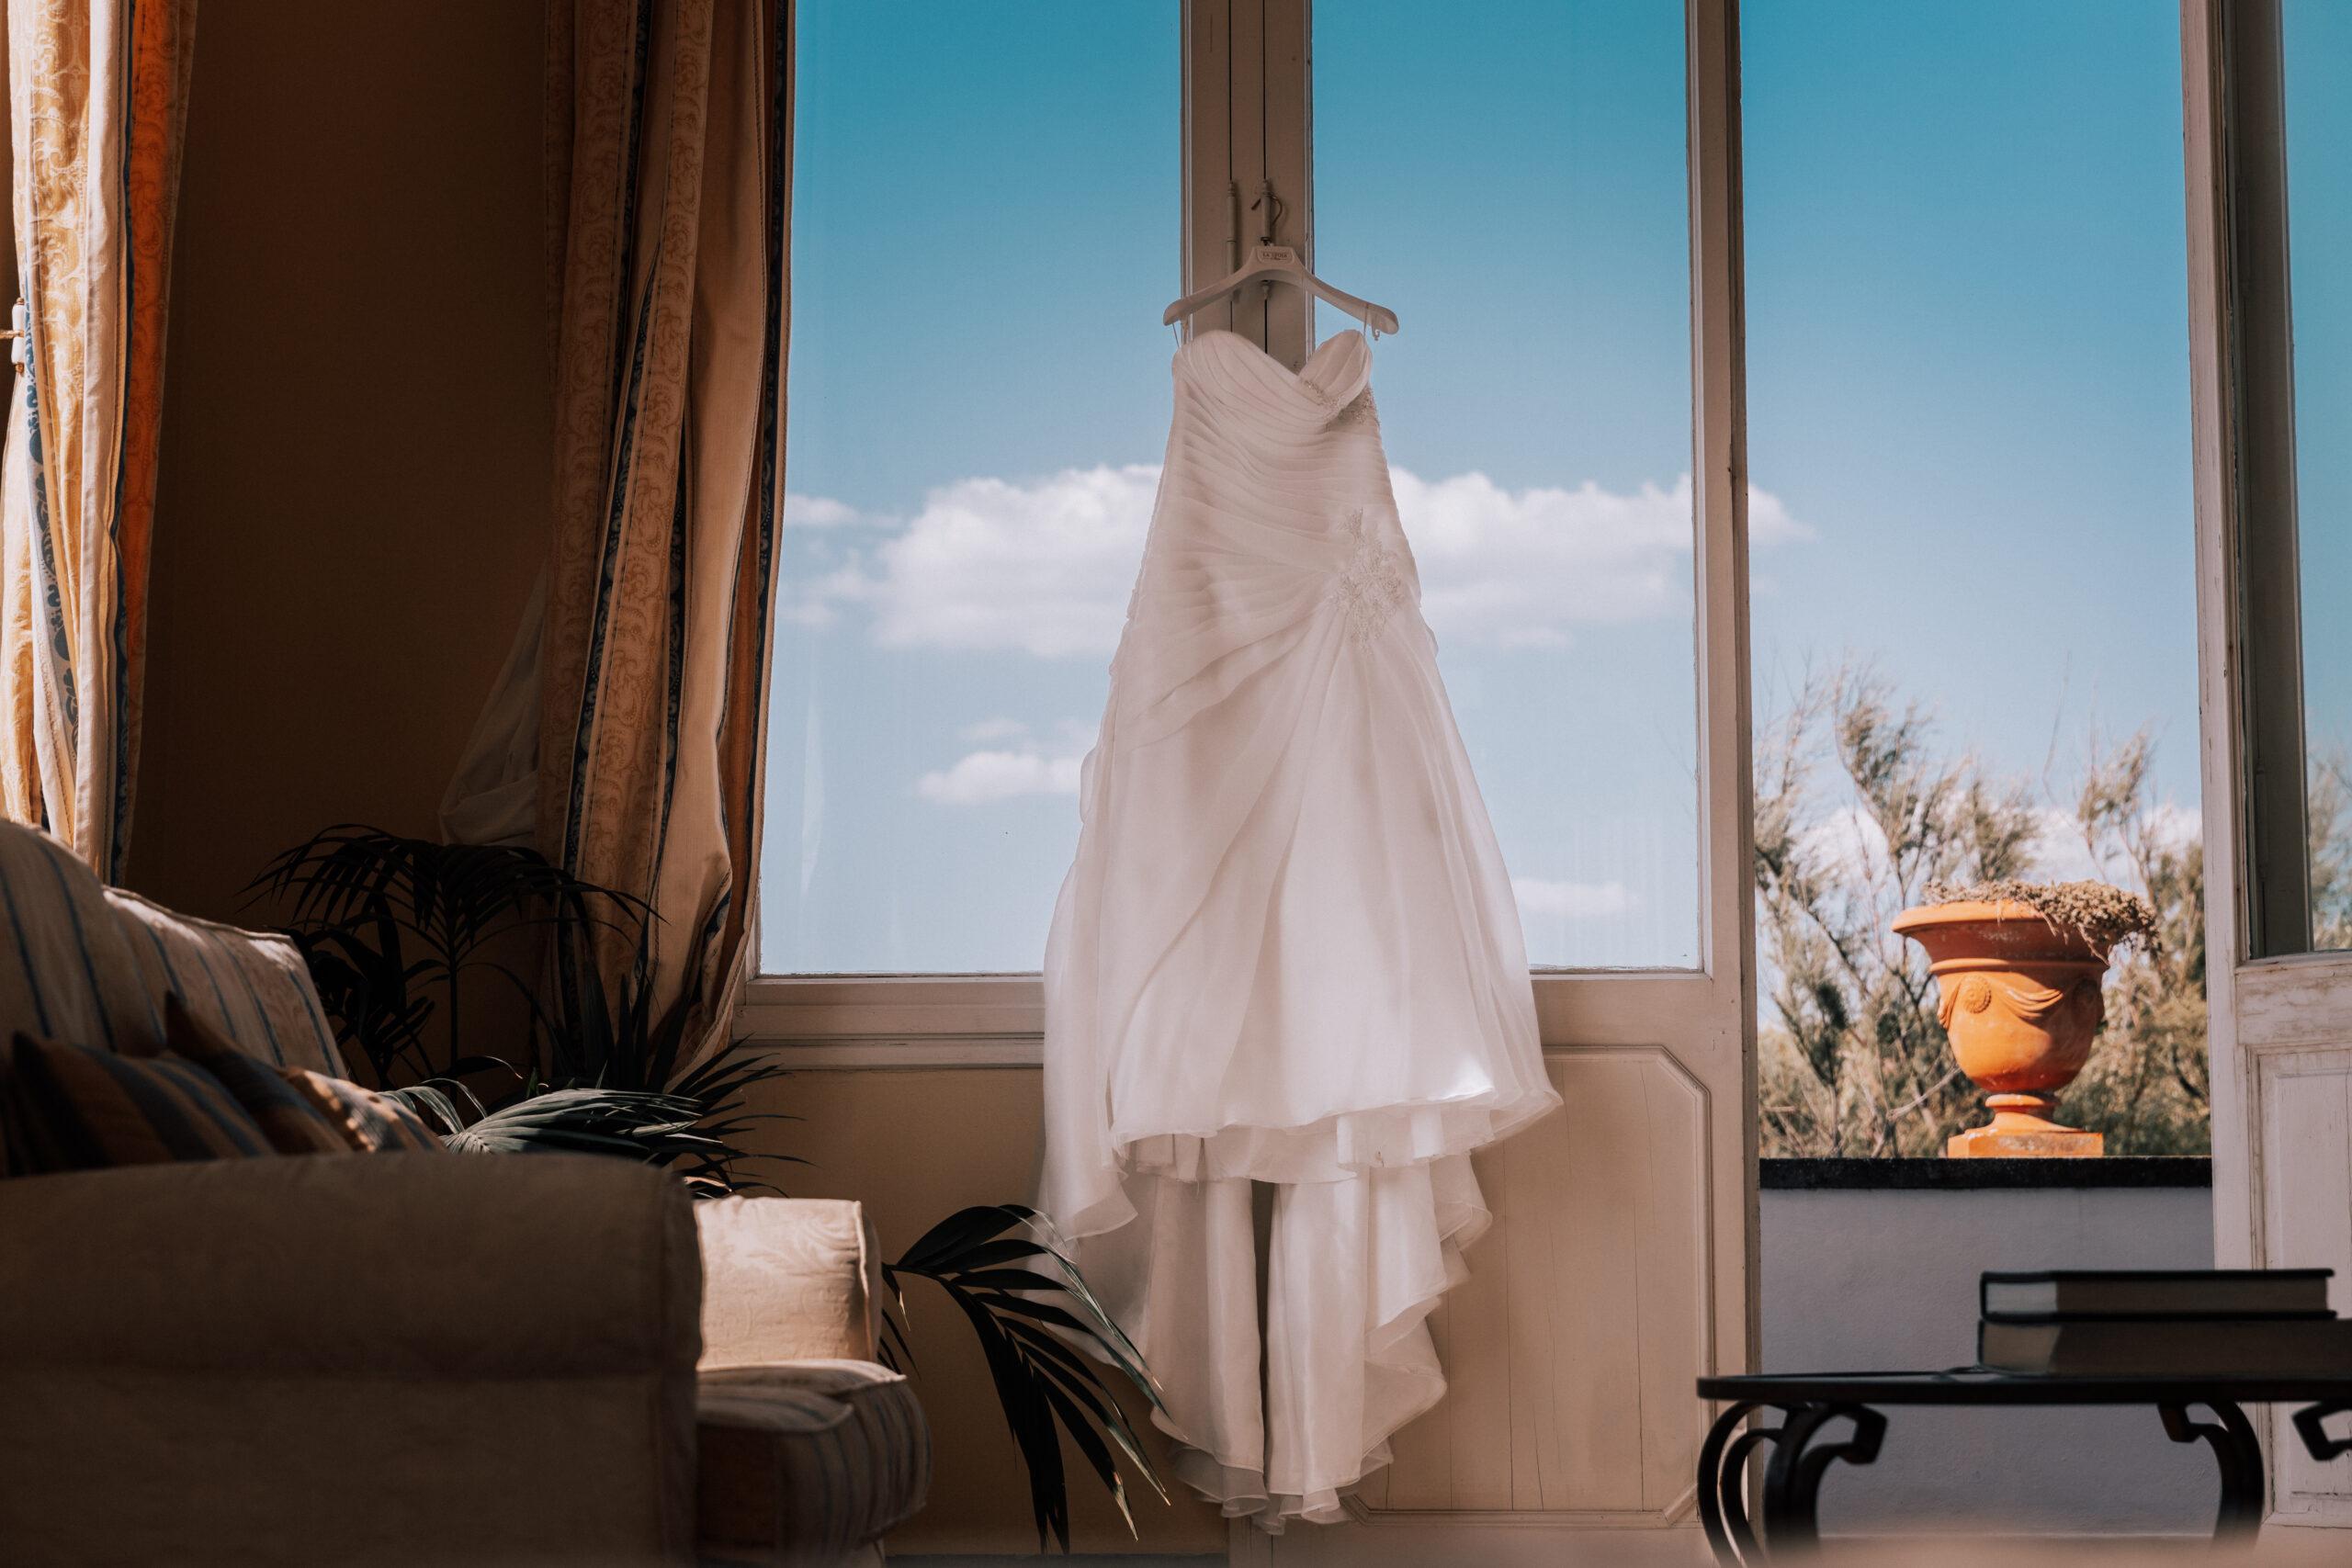 abito da sposa elegante ambientazione barocca